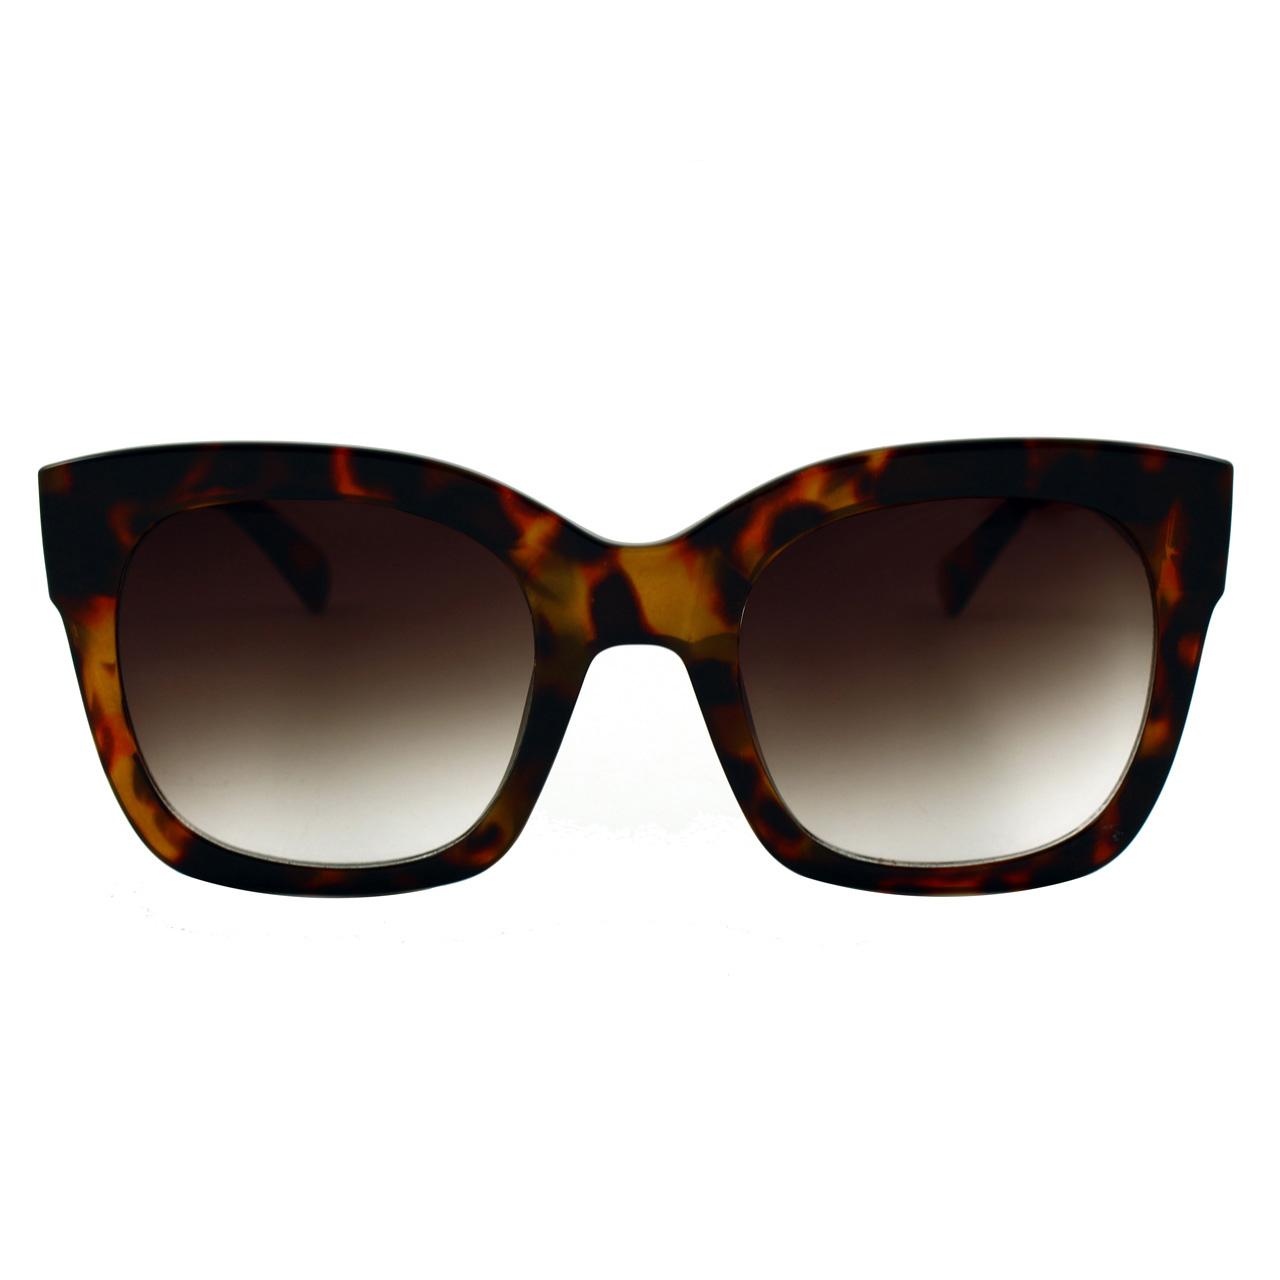 عینک آفتابی مدل GG05357 Dark Leopard